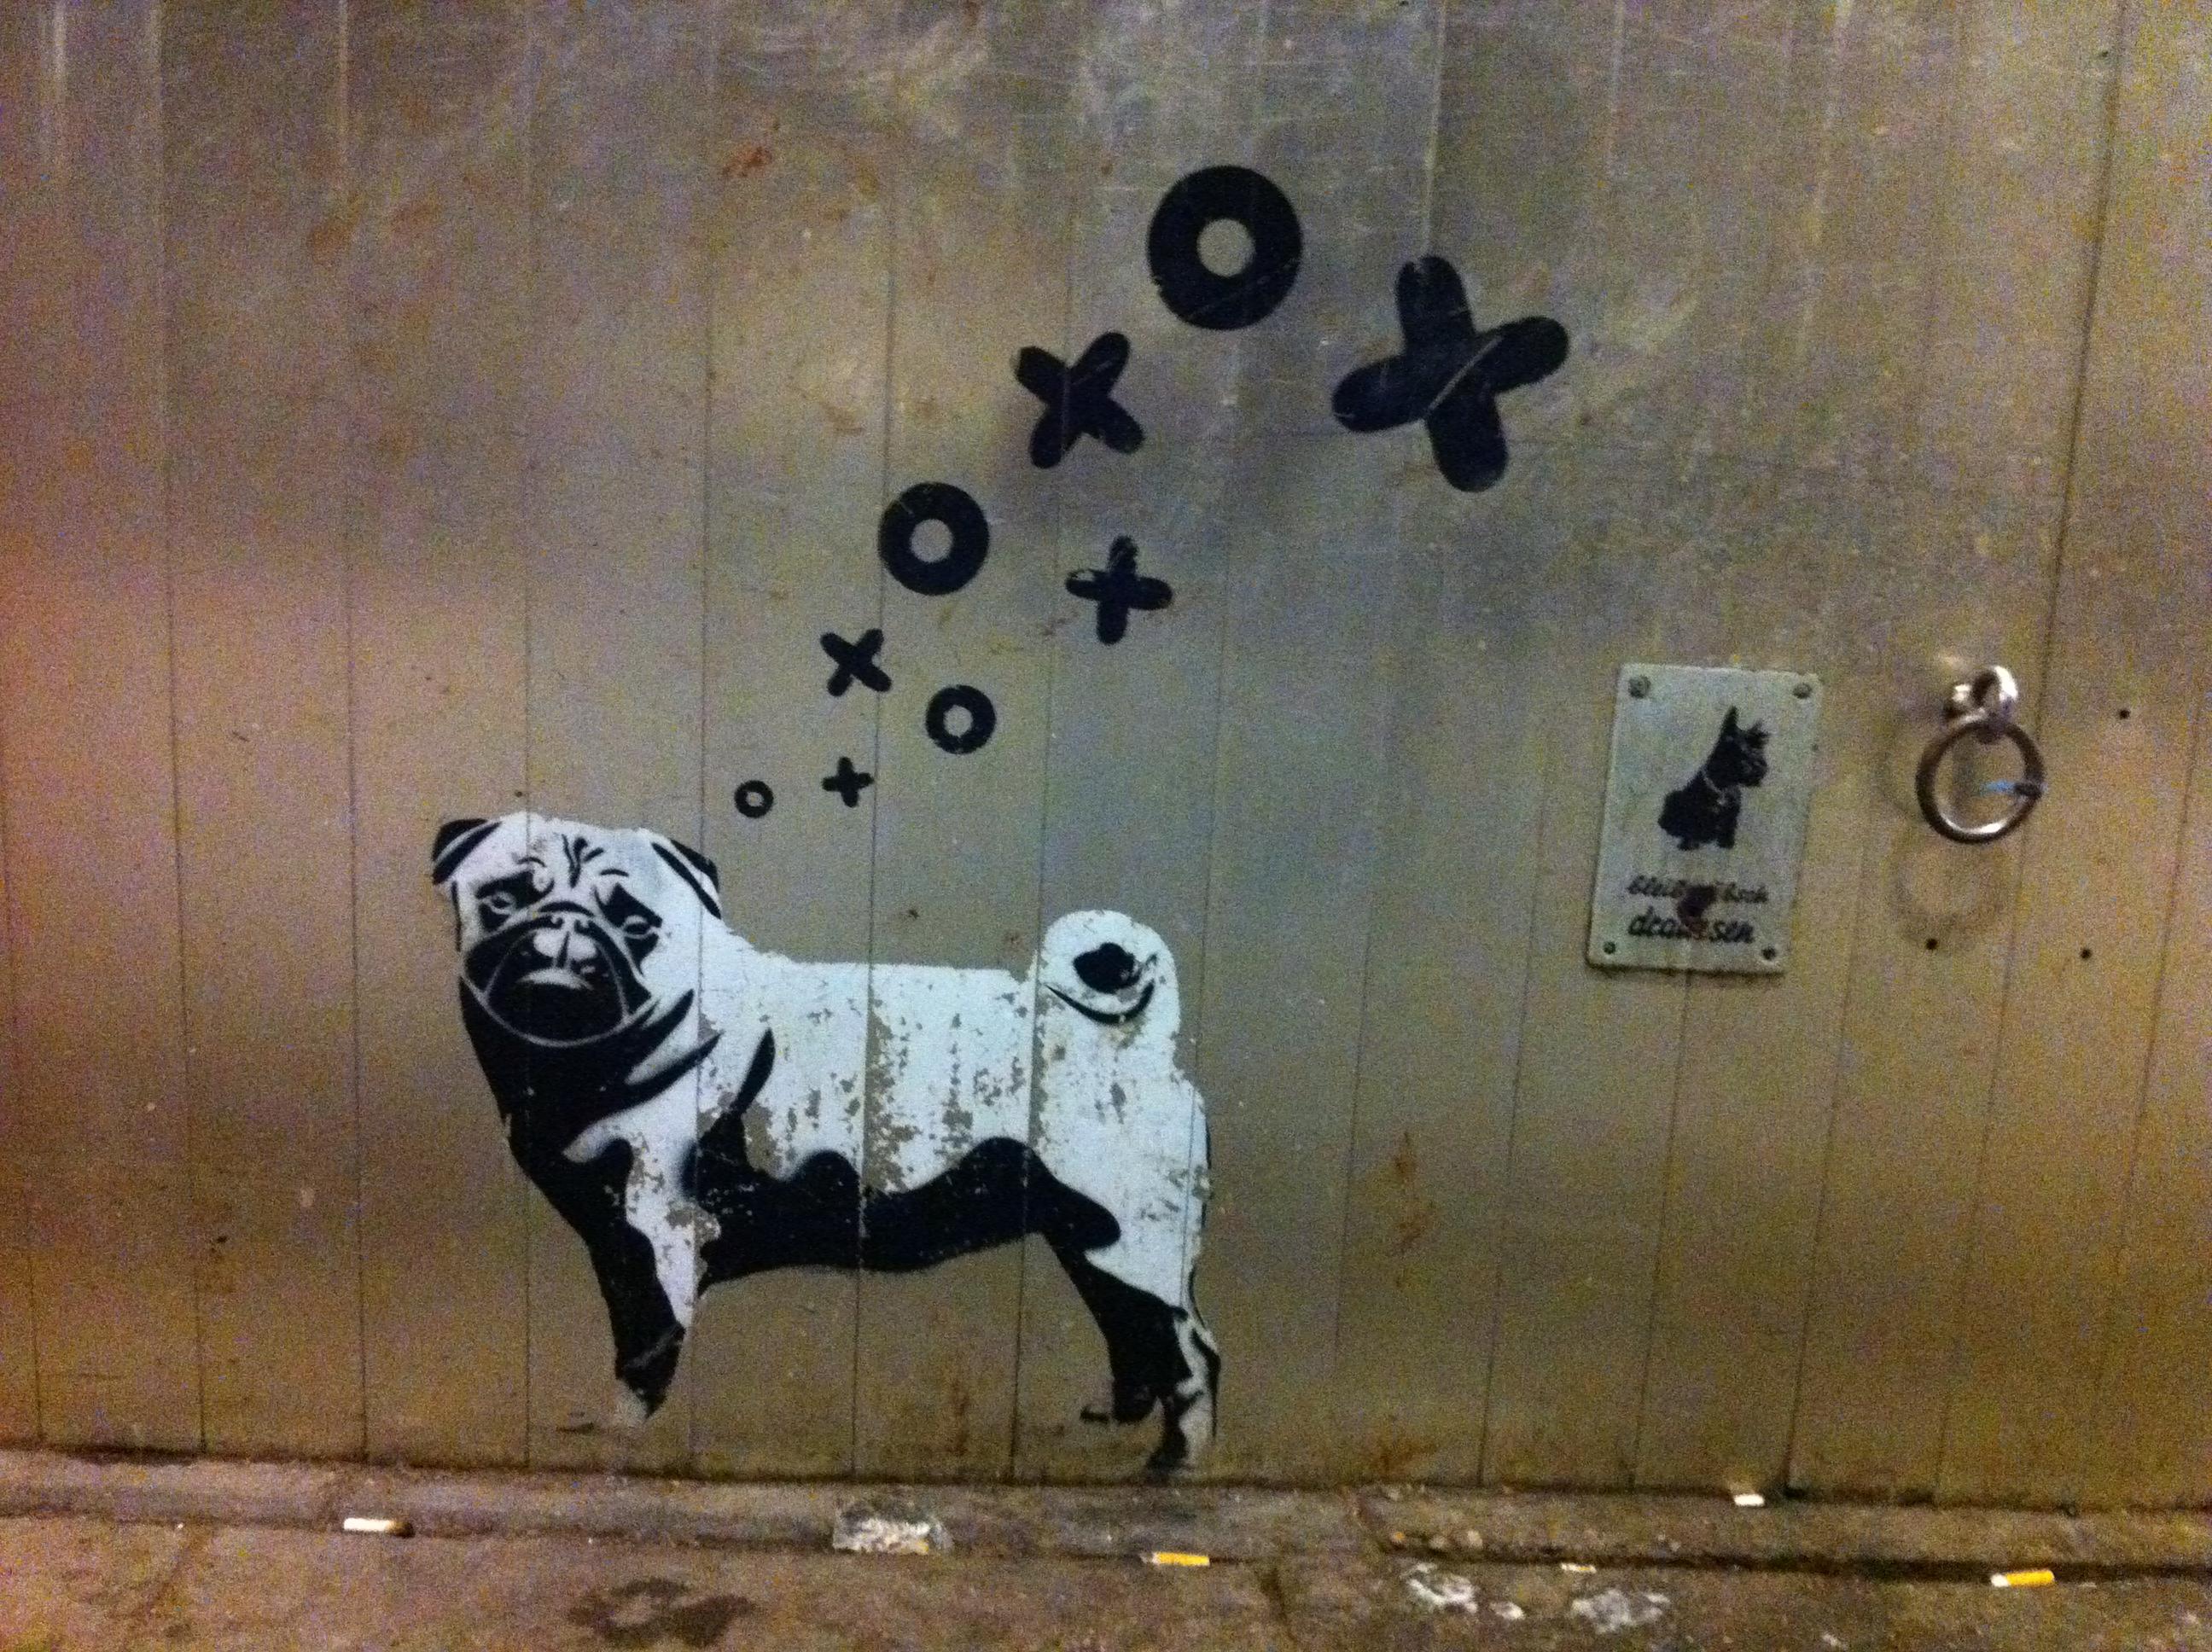 Street Art Xoooox